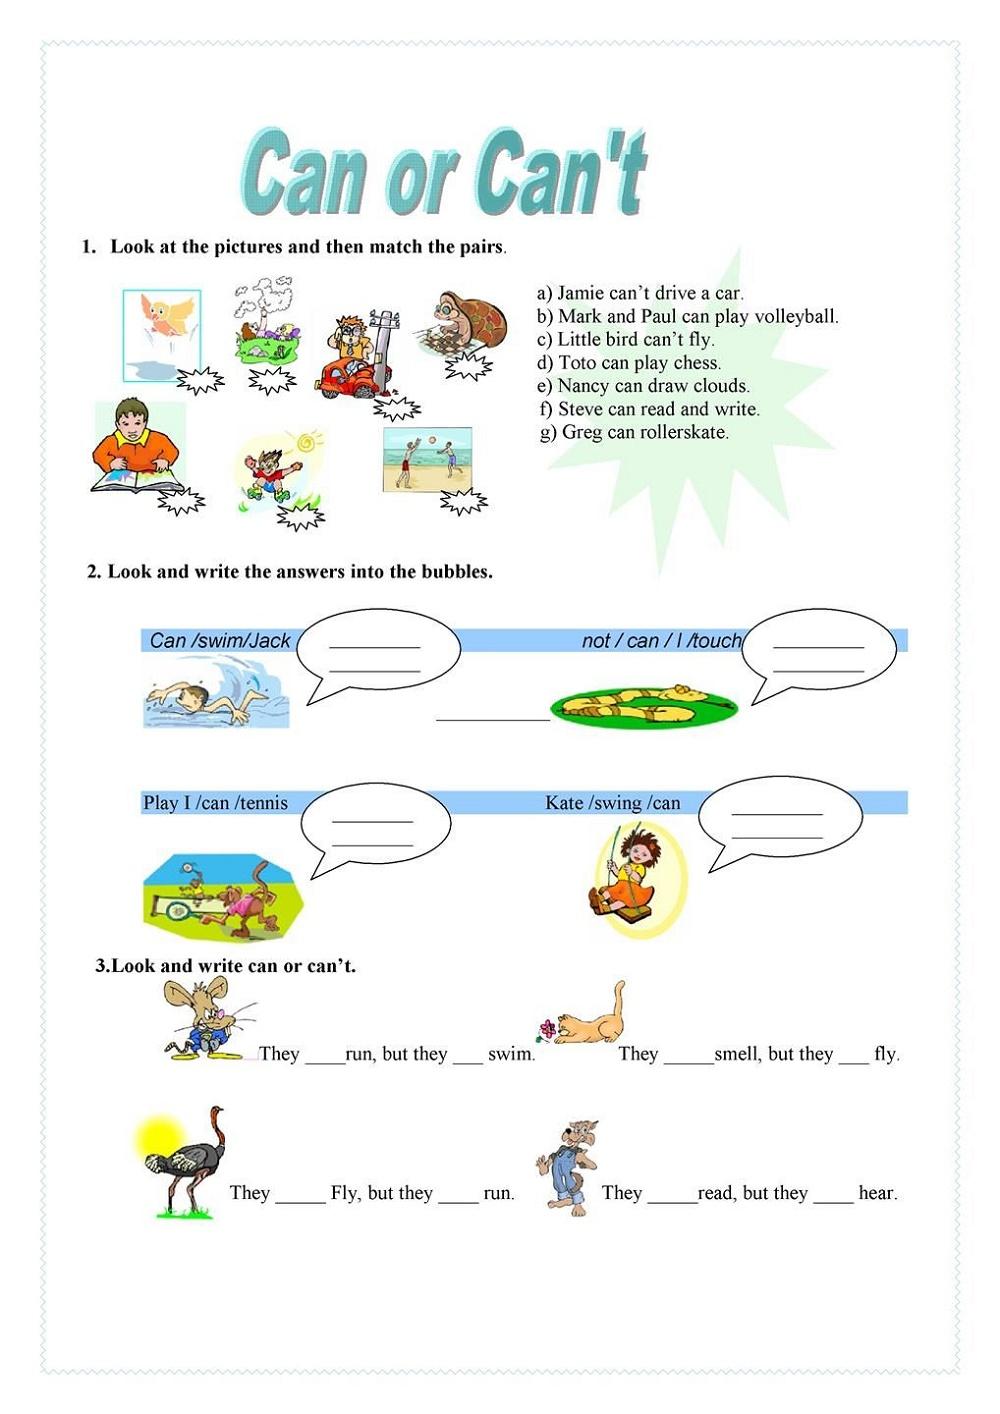 English Worksheets For Children K5 Worksheets Worksheets For Kids English Worksheets For Kids Kindergarten Worksheets [ 1414 x 1000 Pixel ]